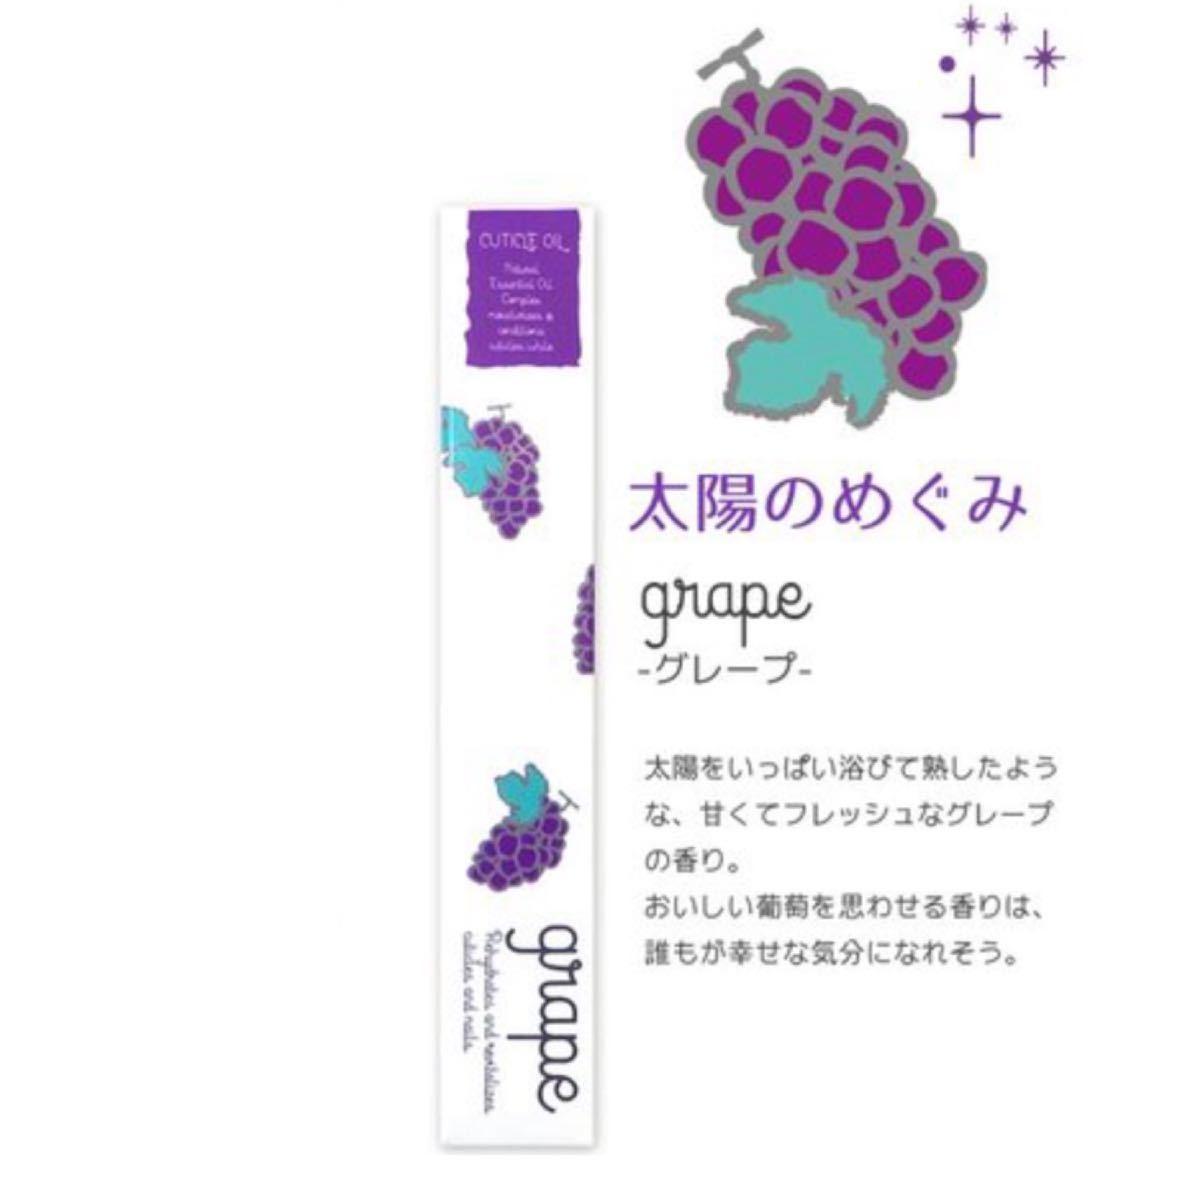 キューティクルオイル☆グレープ&ピーチ